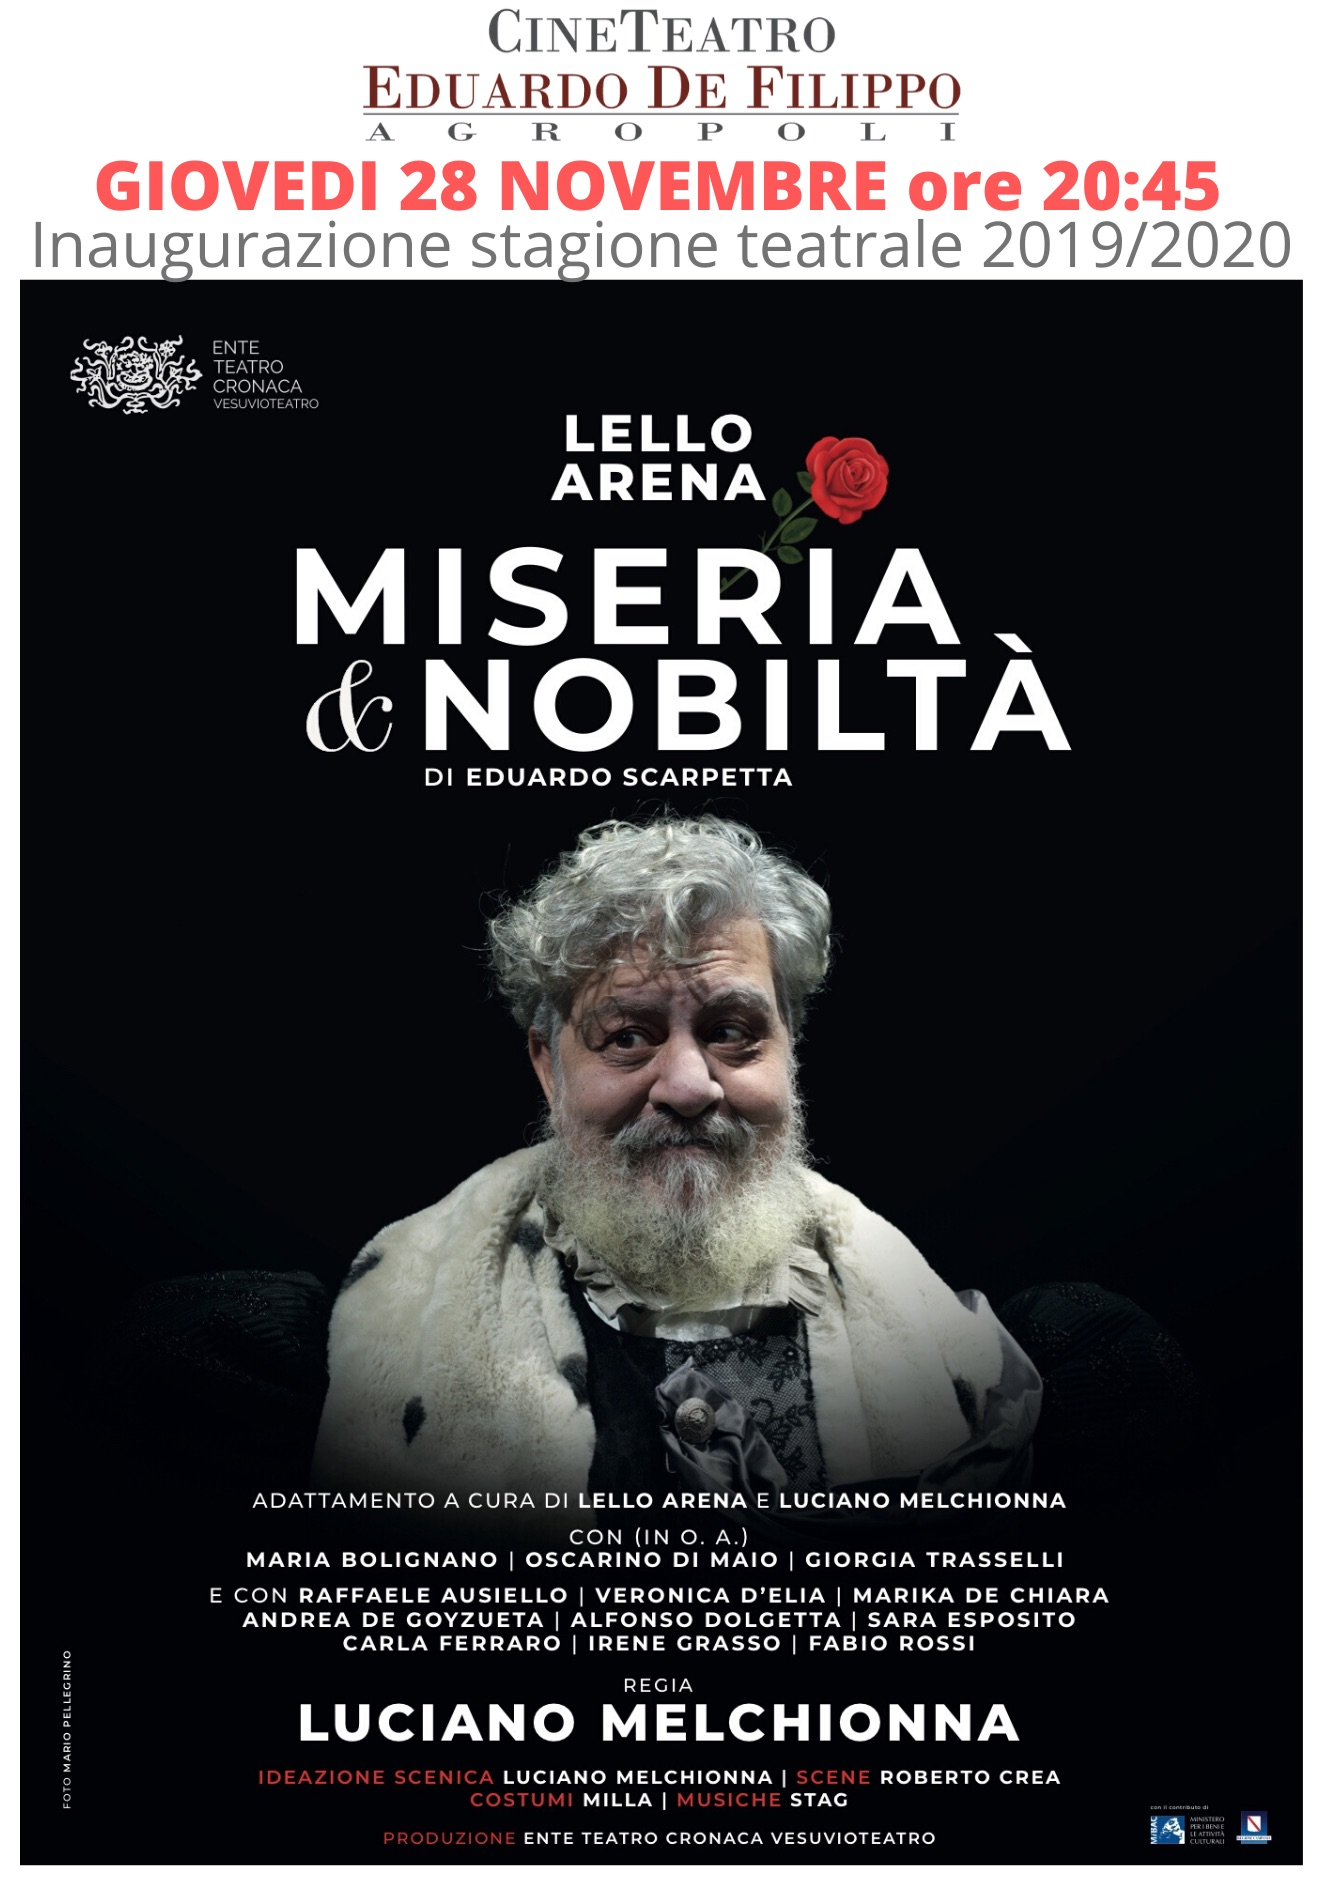 Lello Arena apre la nuova stagione teatrale